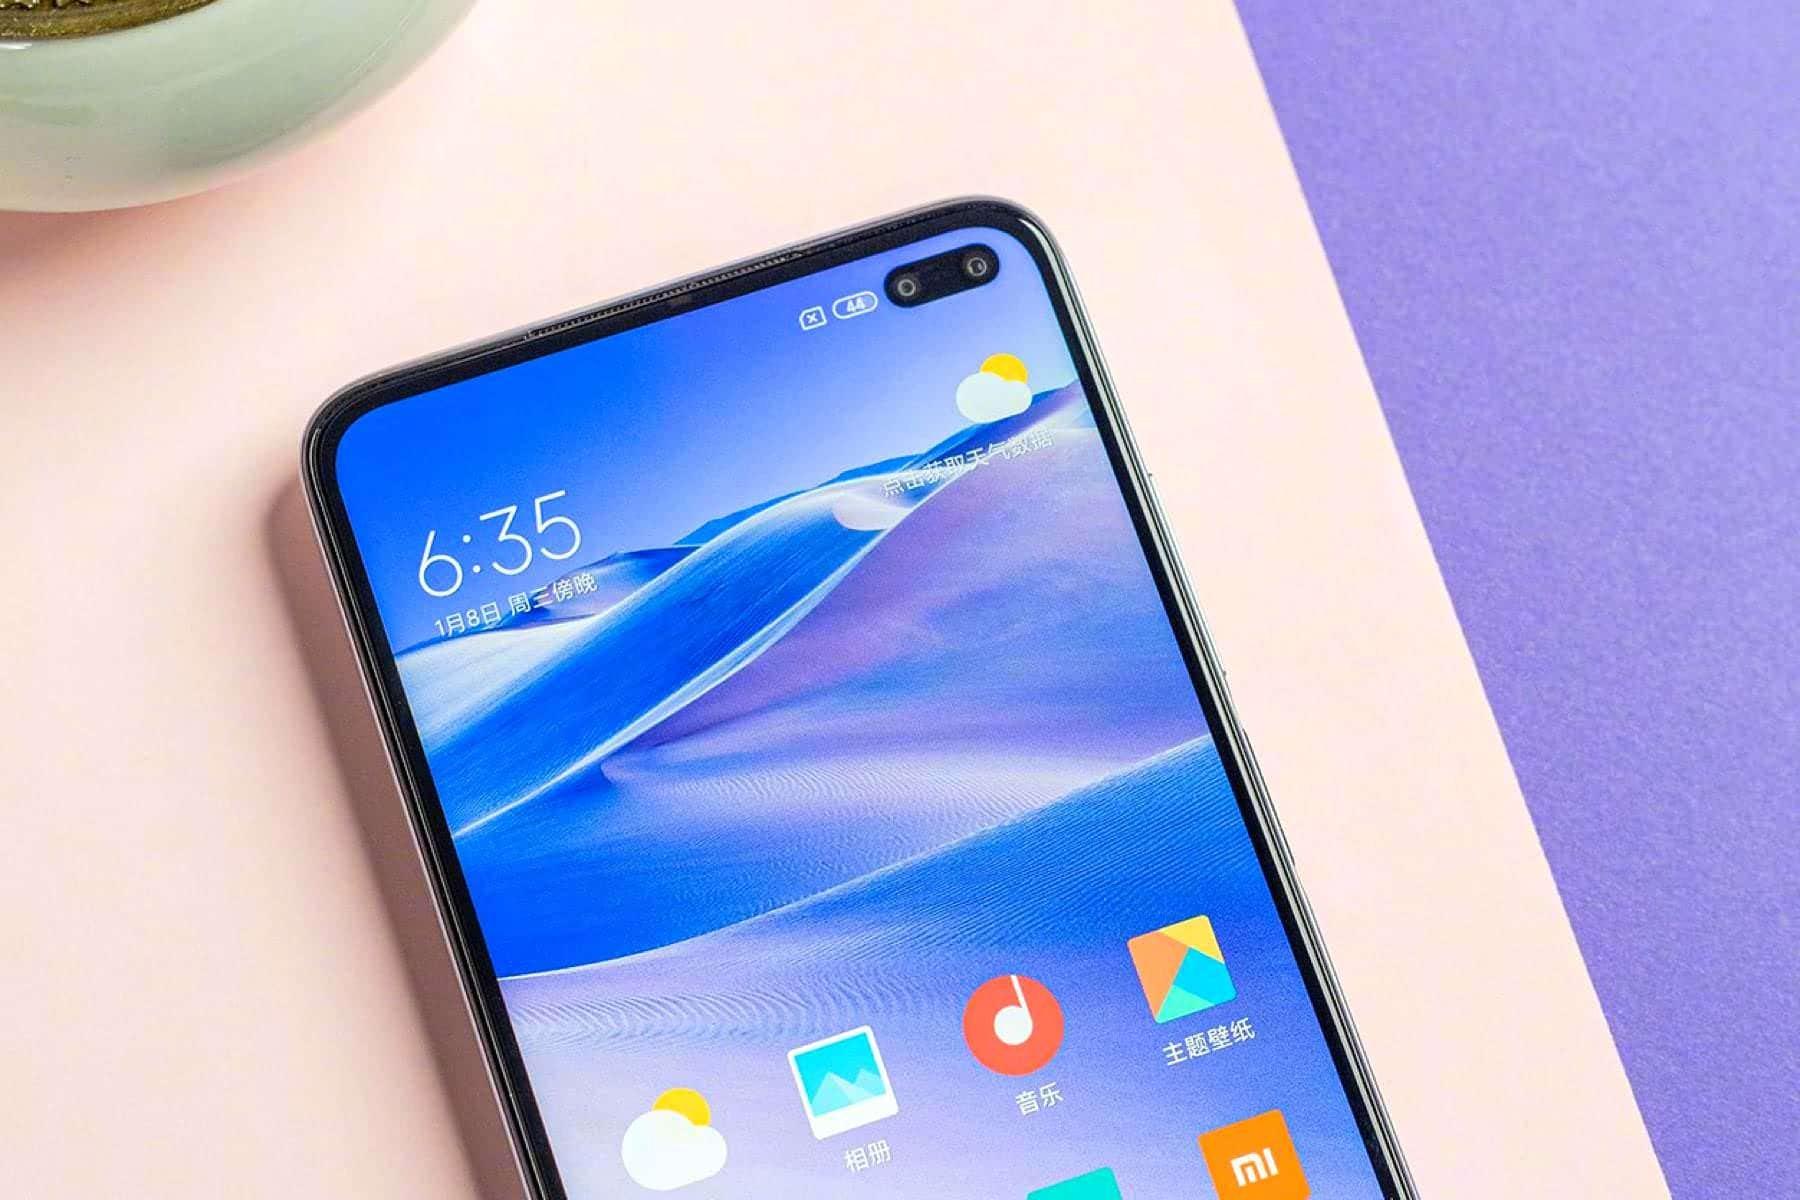 В новом флагмане Xiaomi могут появиться 120 Гц дисплей и стереодинамики